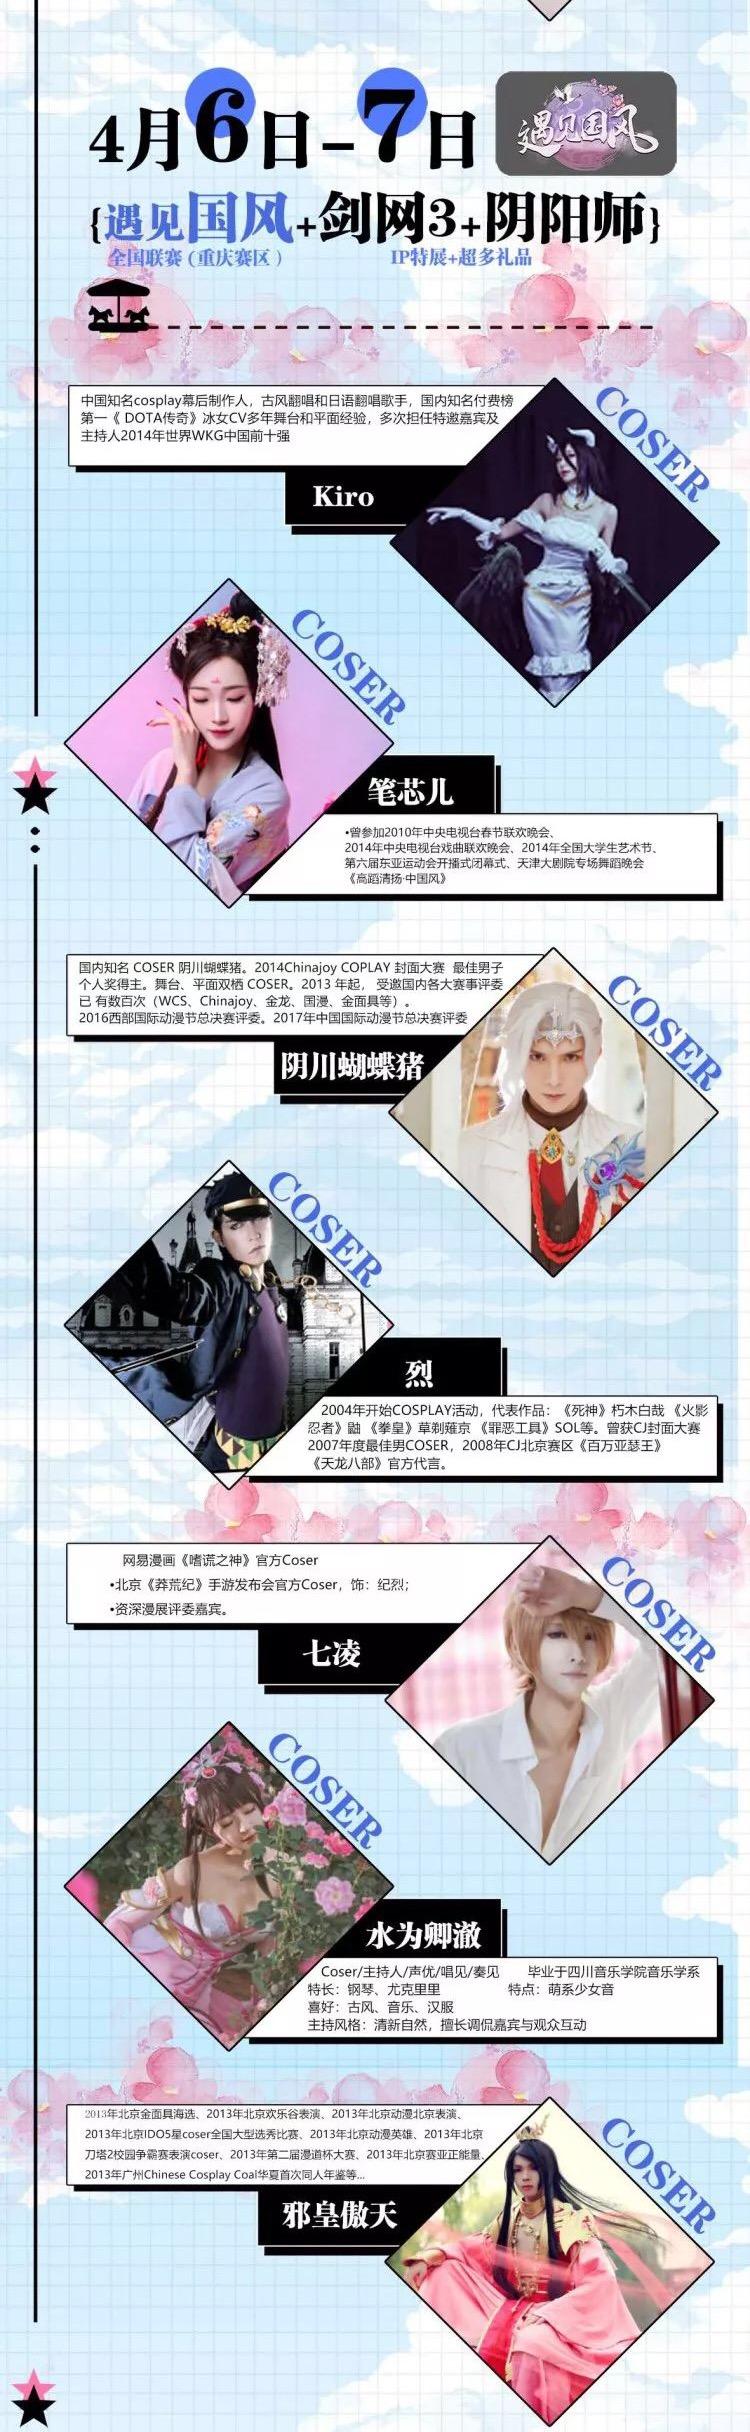 重庆欢乐谷乐次元动漫节活动及嘉宾一览